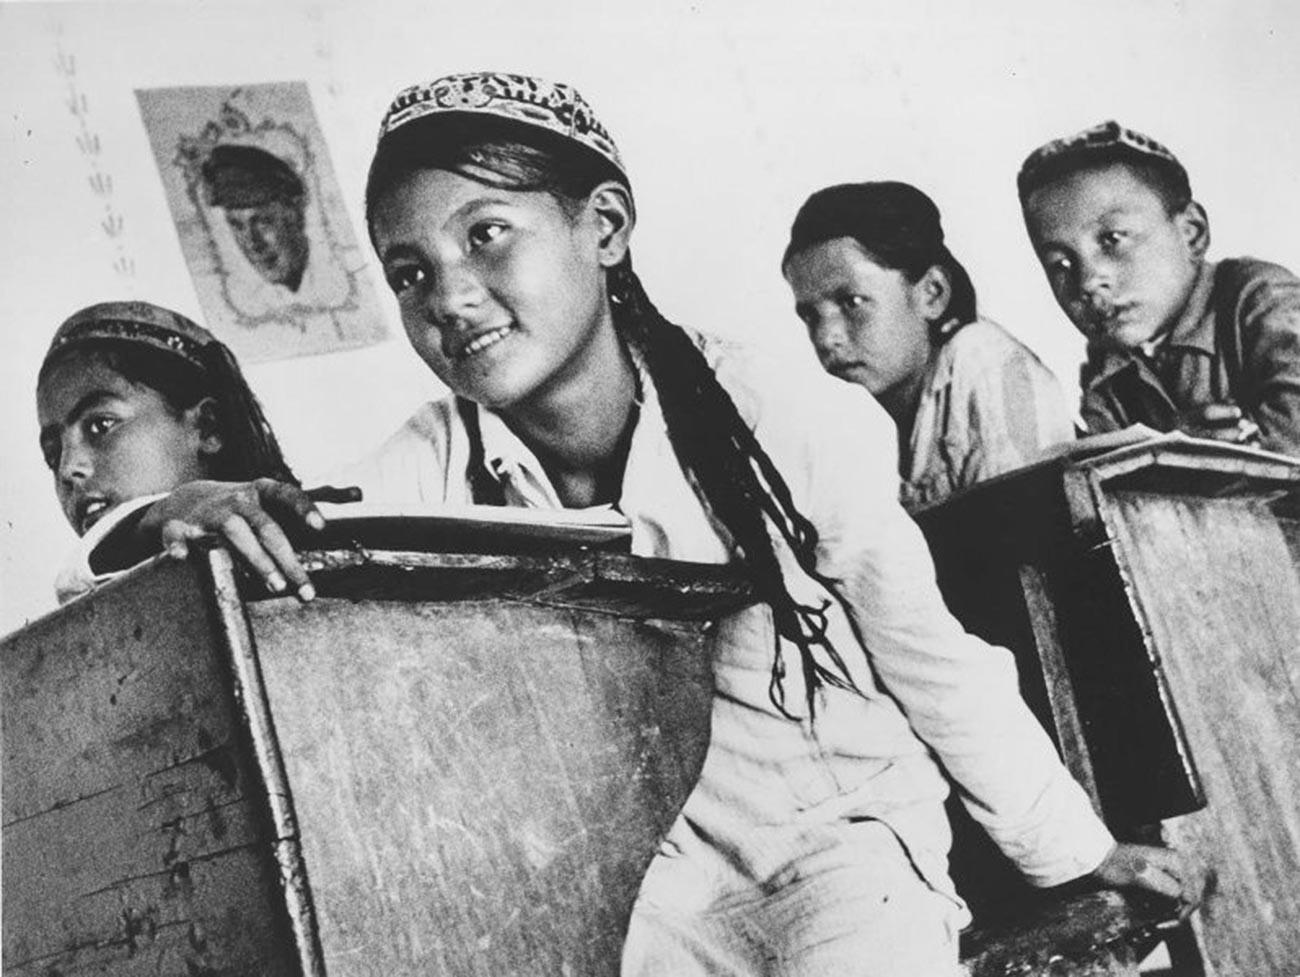 ある学校にて。ウズベク・ソビエト社会主義共和国。1930年代